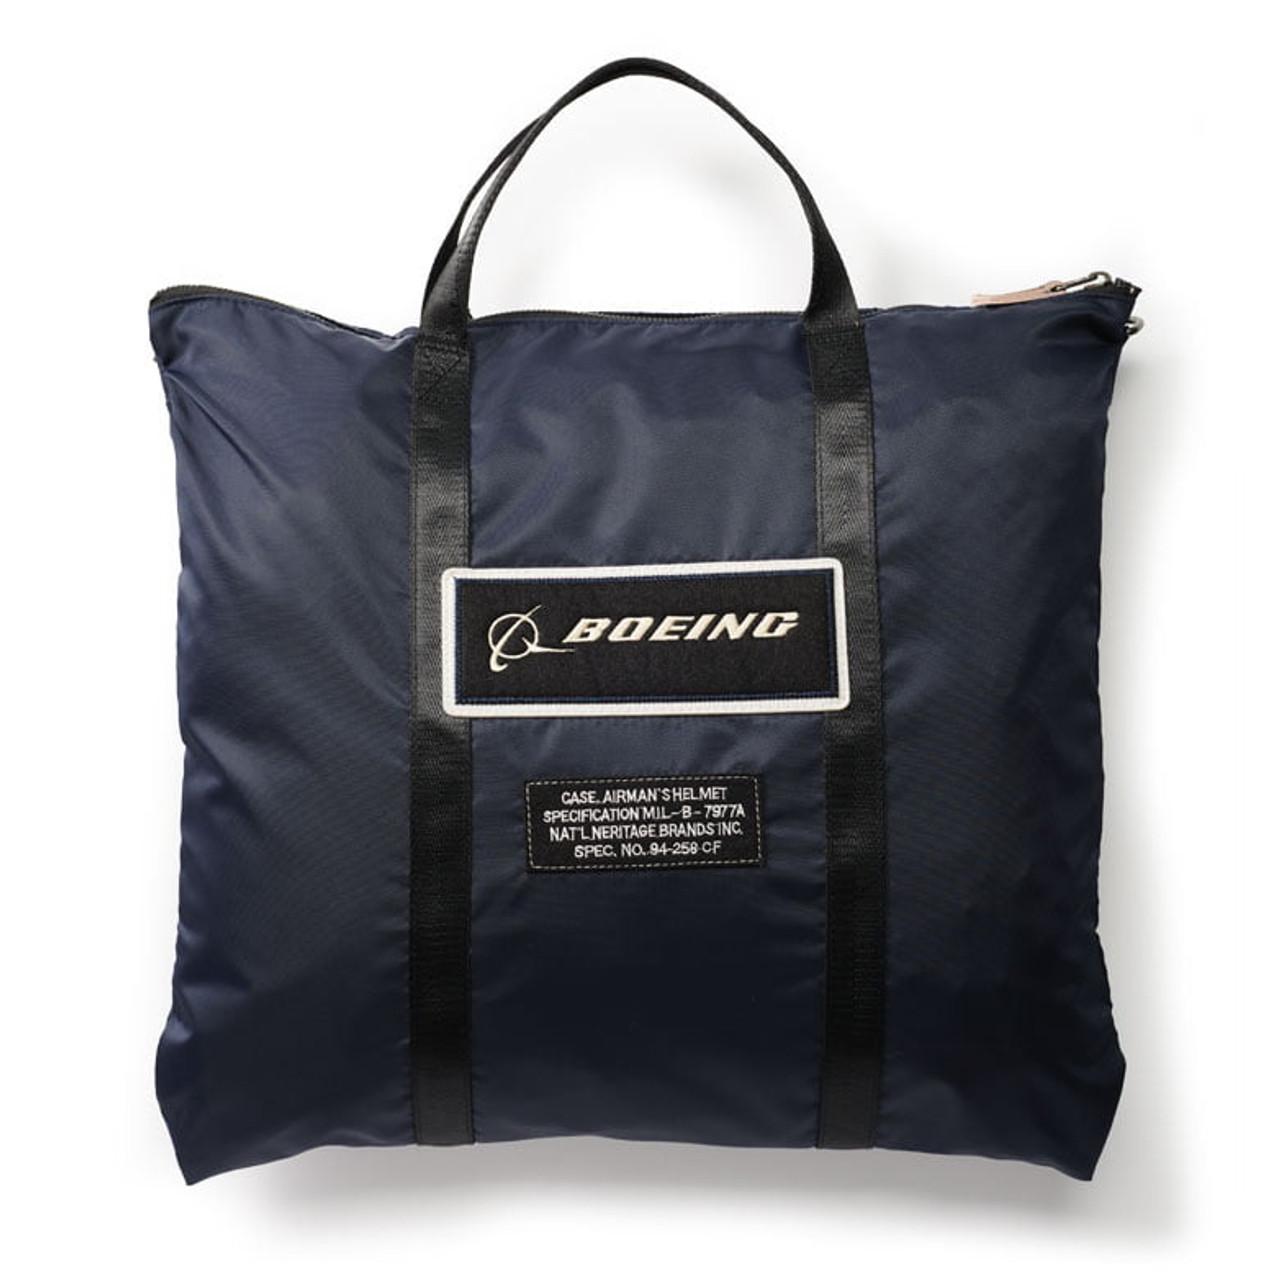 Boeing Helmet Bag